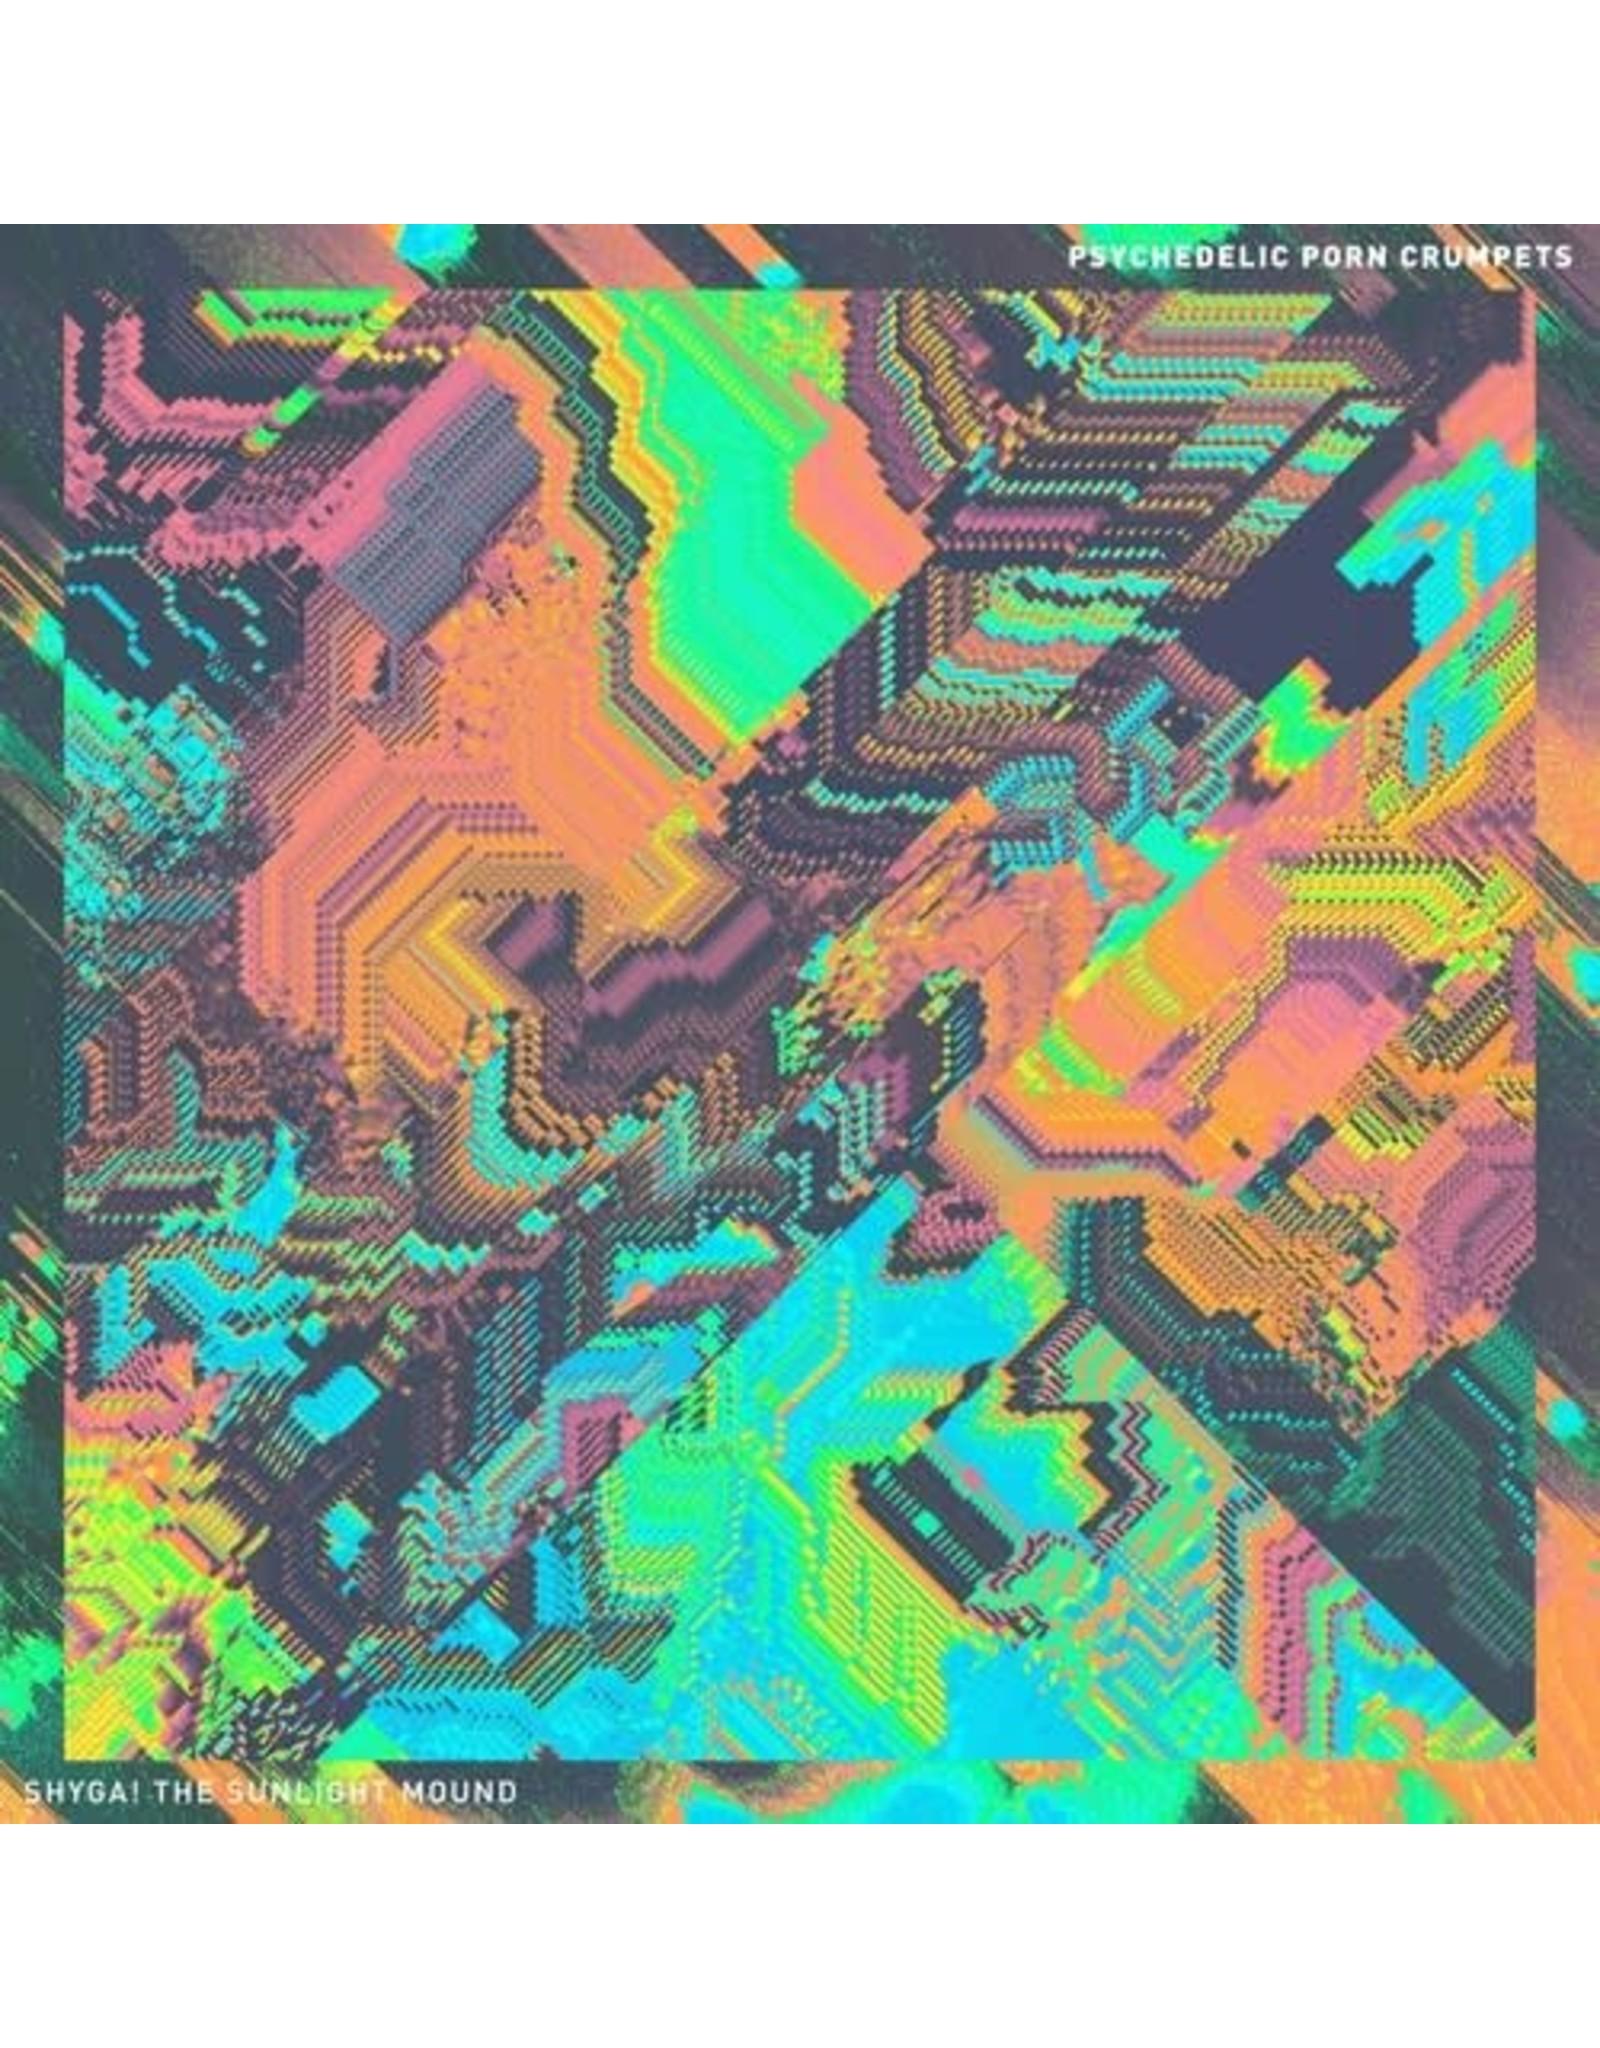 New Vinyl Psychedelic Porn Crumpets - SHYGA! The Sunlight Mound (IEX, Splatter) LP